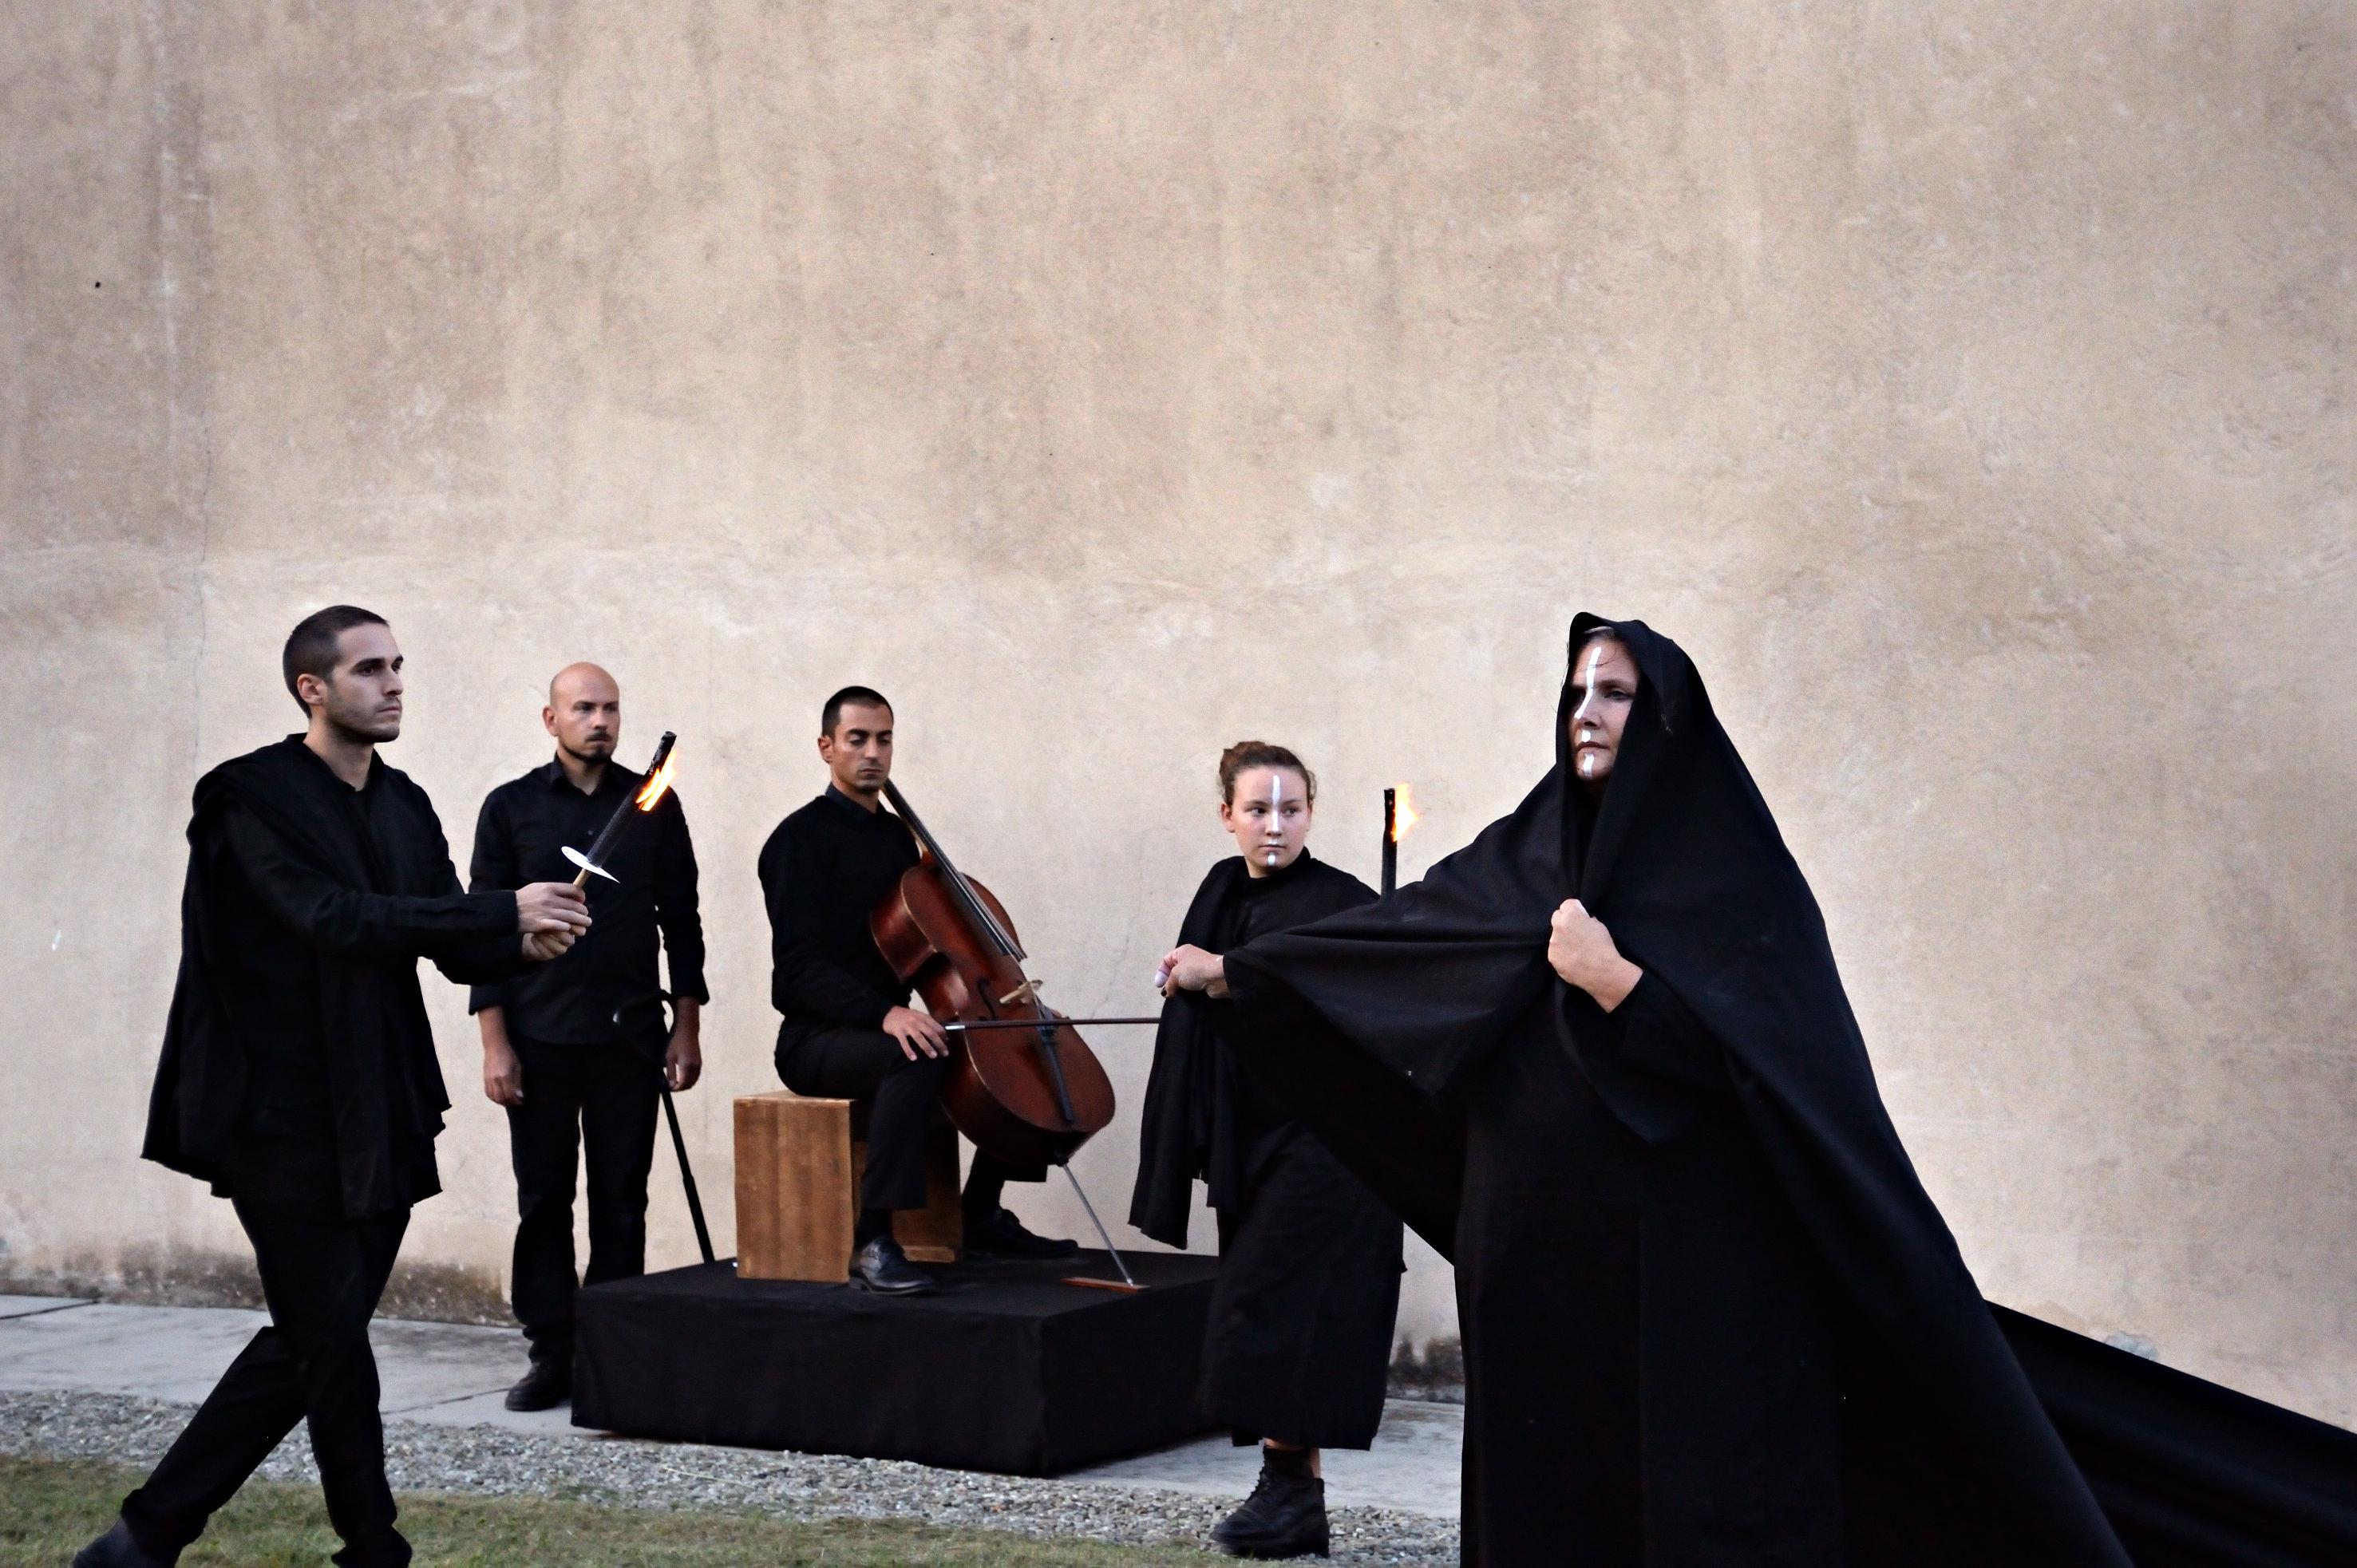 Requiem Antigone Franco Guardascione Periferico Festival MoCu modena cultura Archivio Zeta